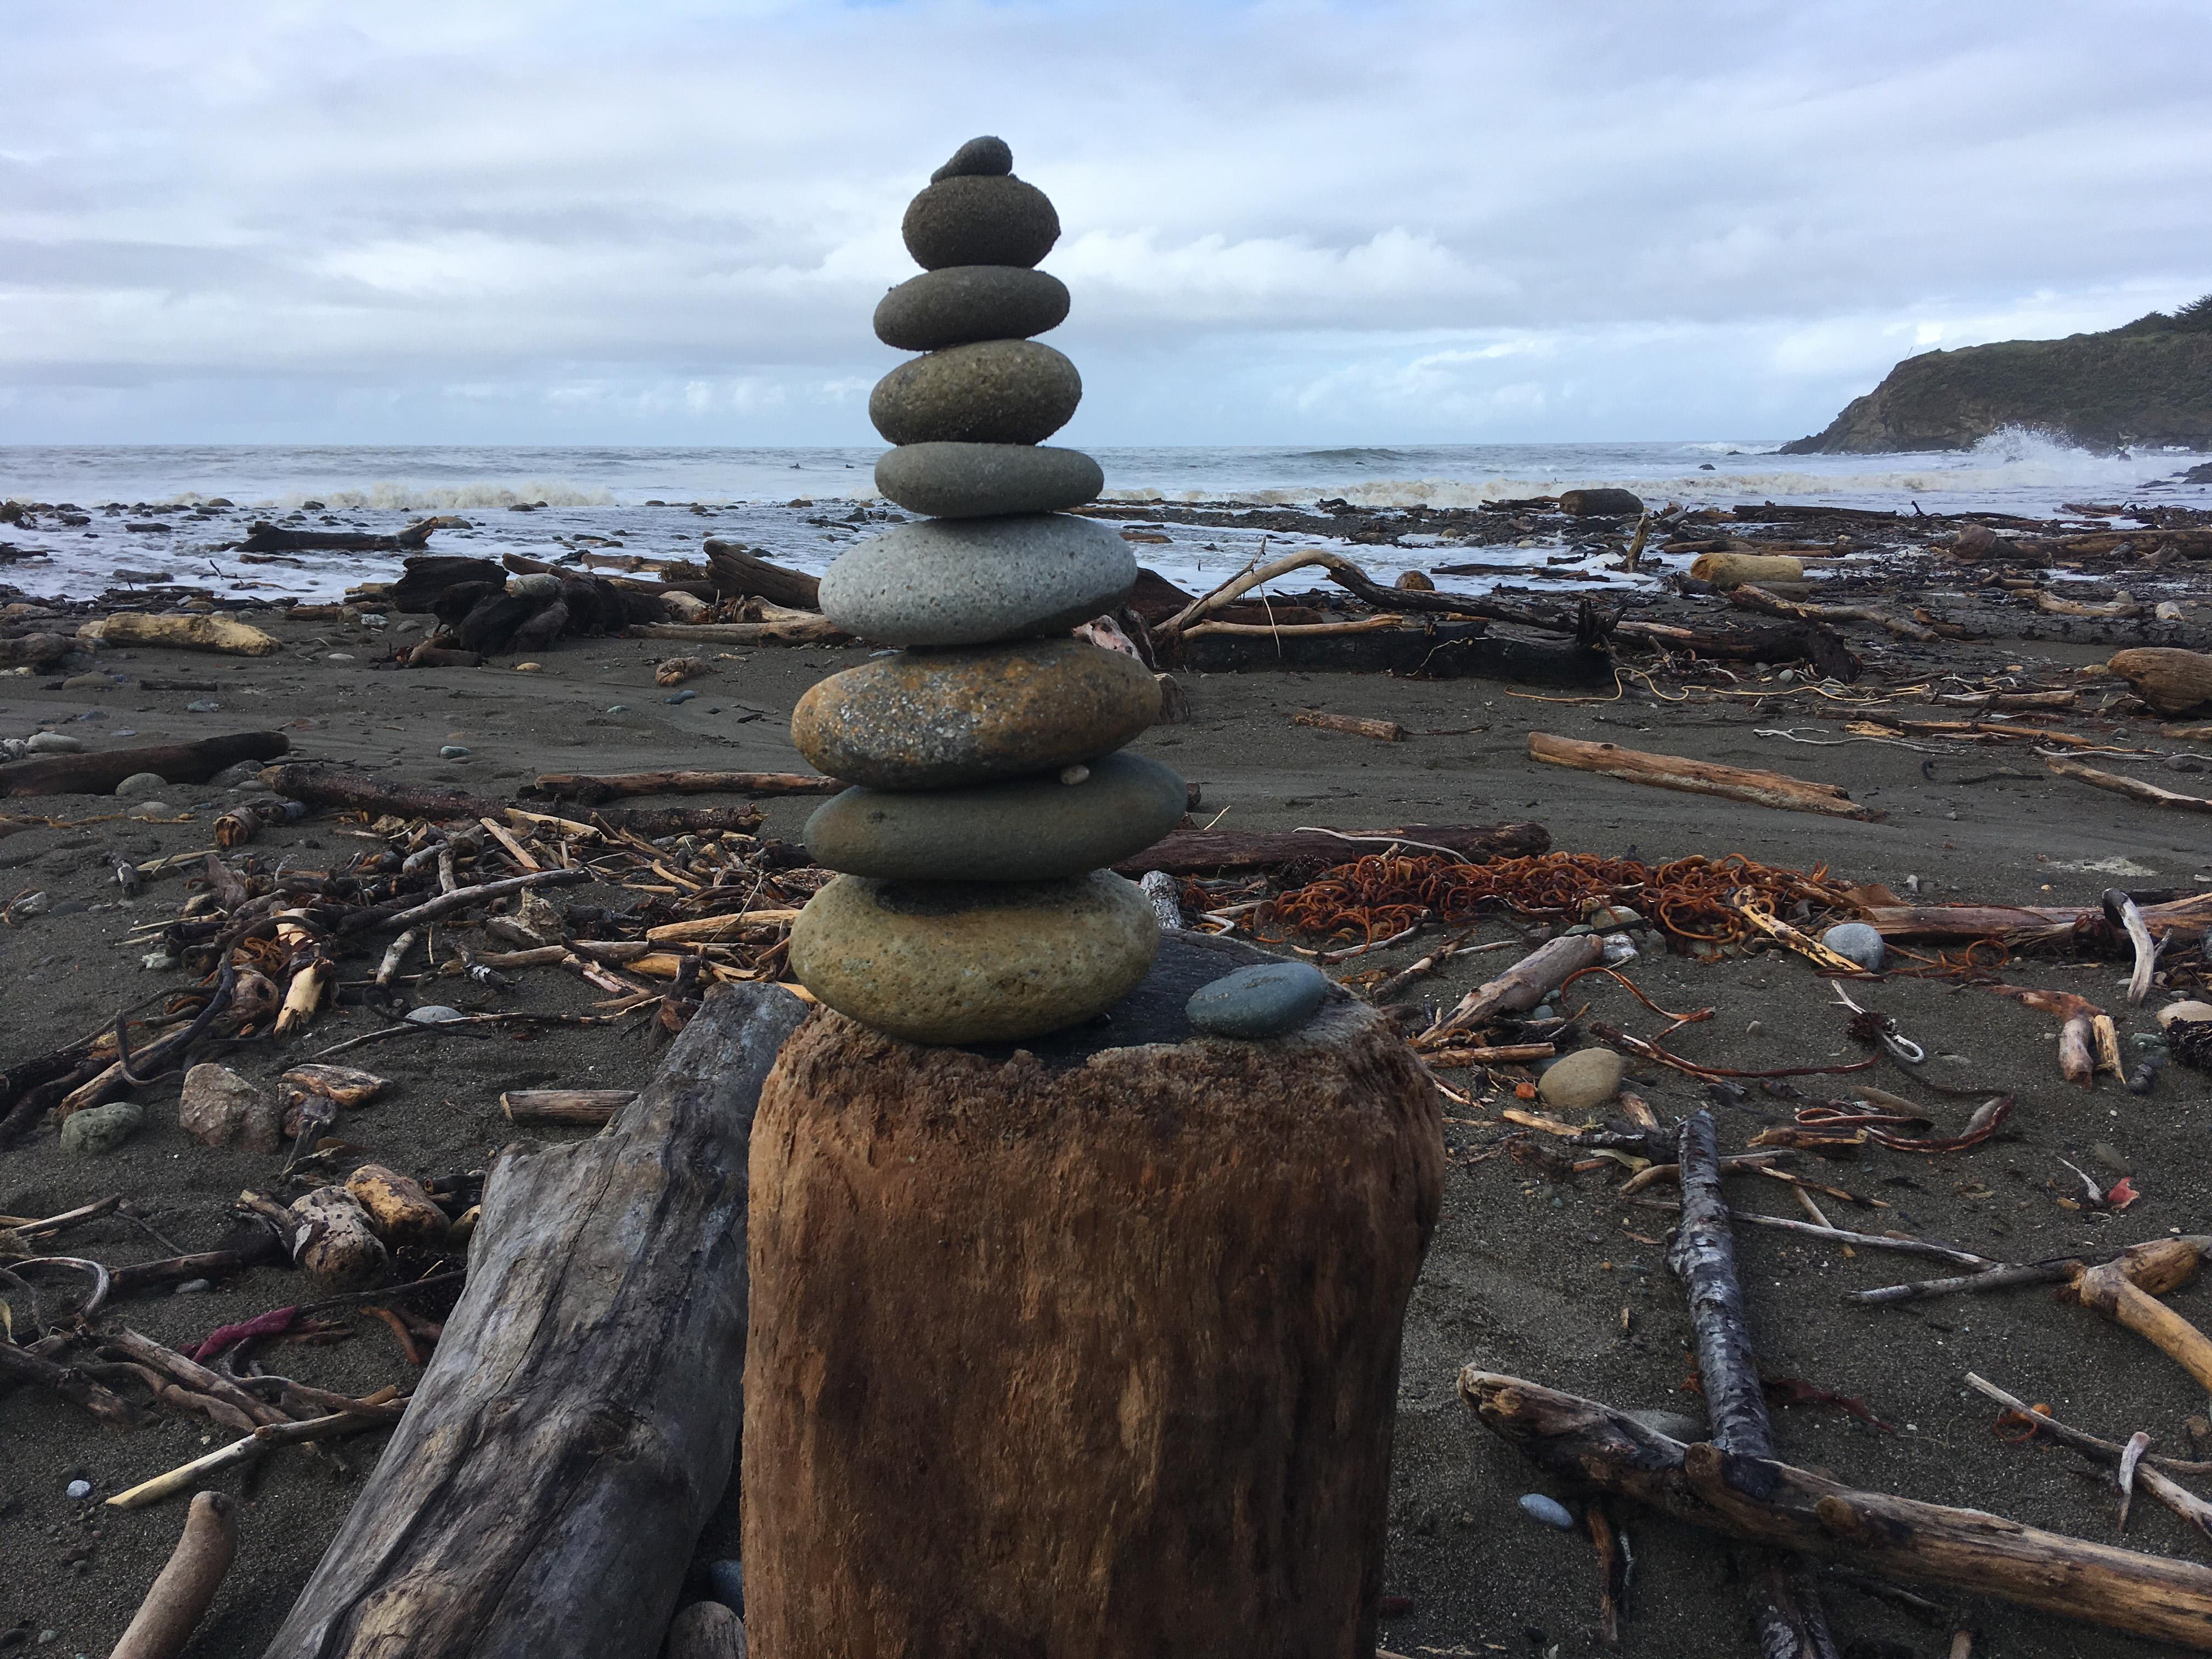 pile of rocks on ocean beach